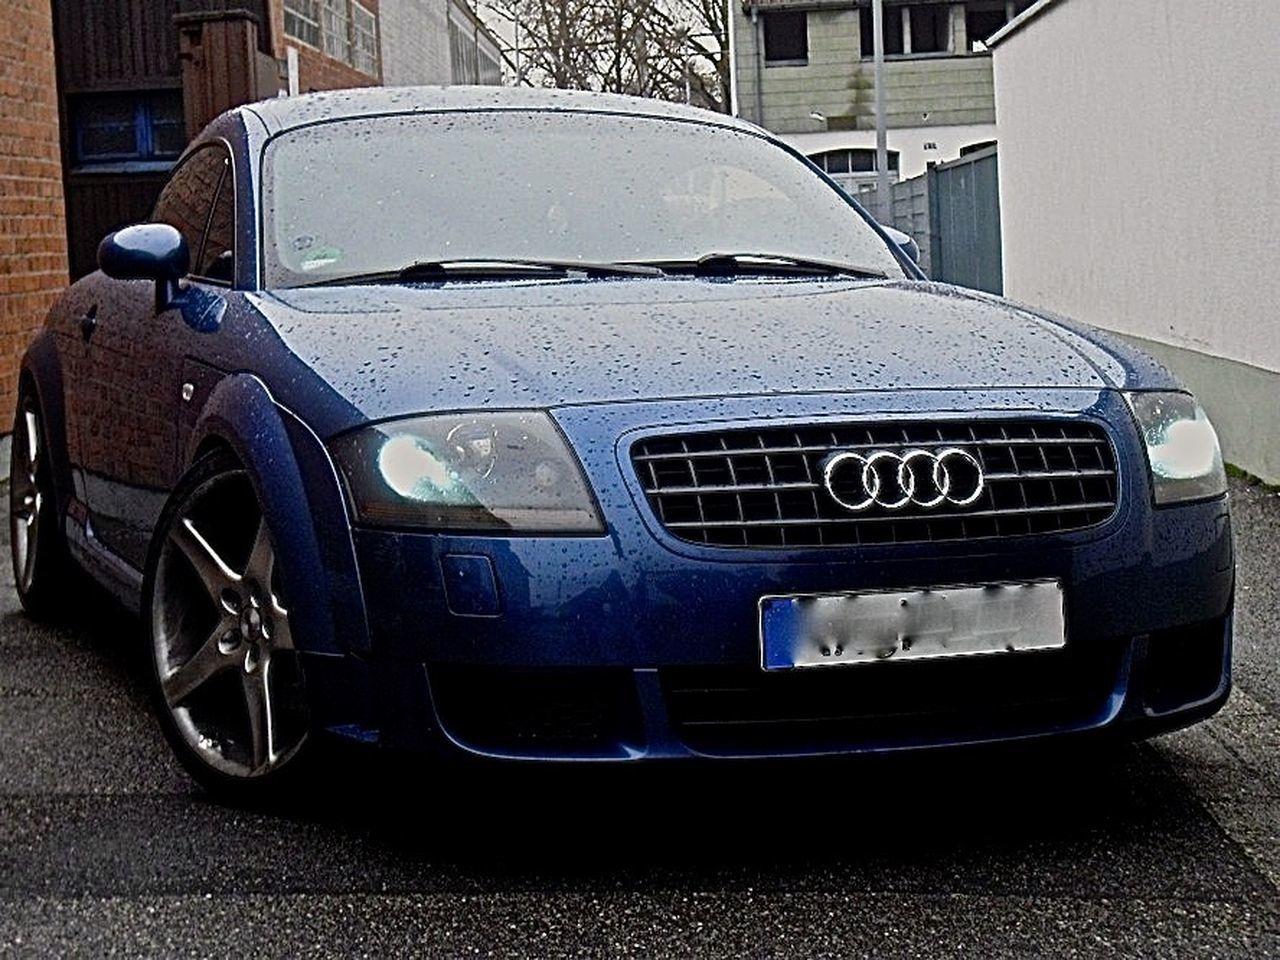 Sportcar Audi Sportscars Fastcar AudiTTS Audi TT Audi TT RS